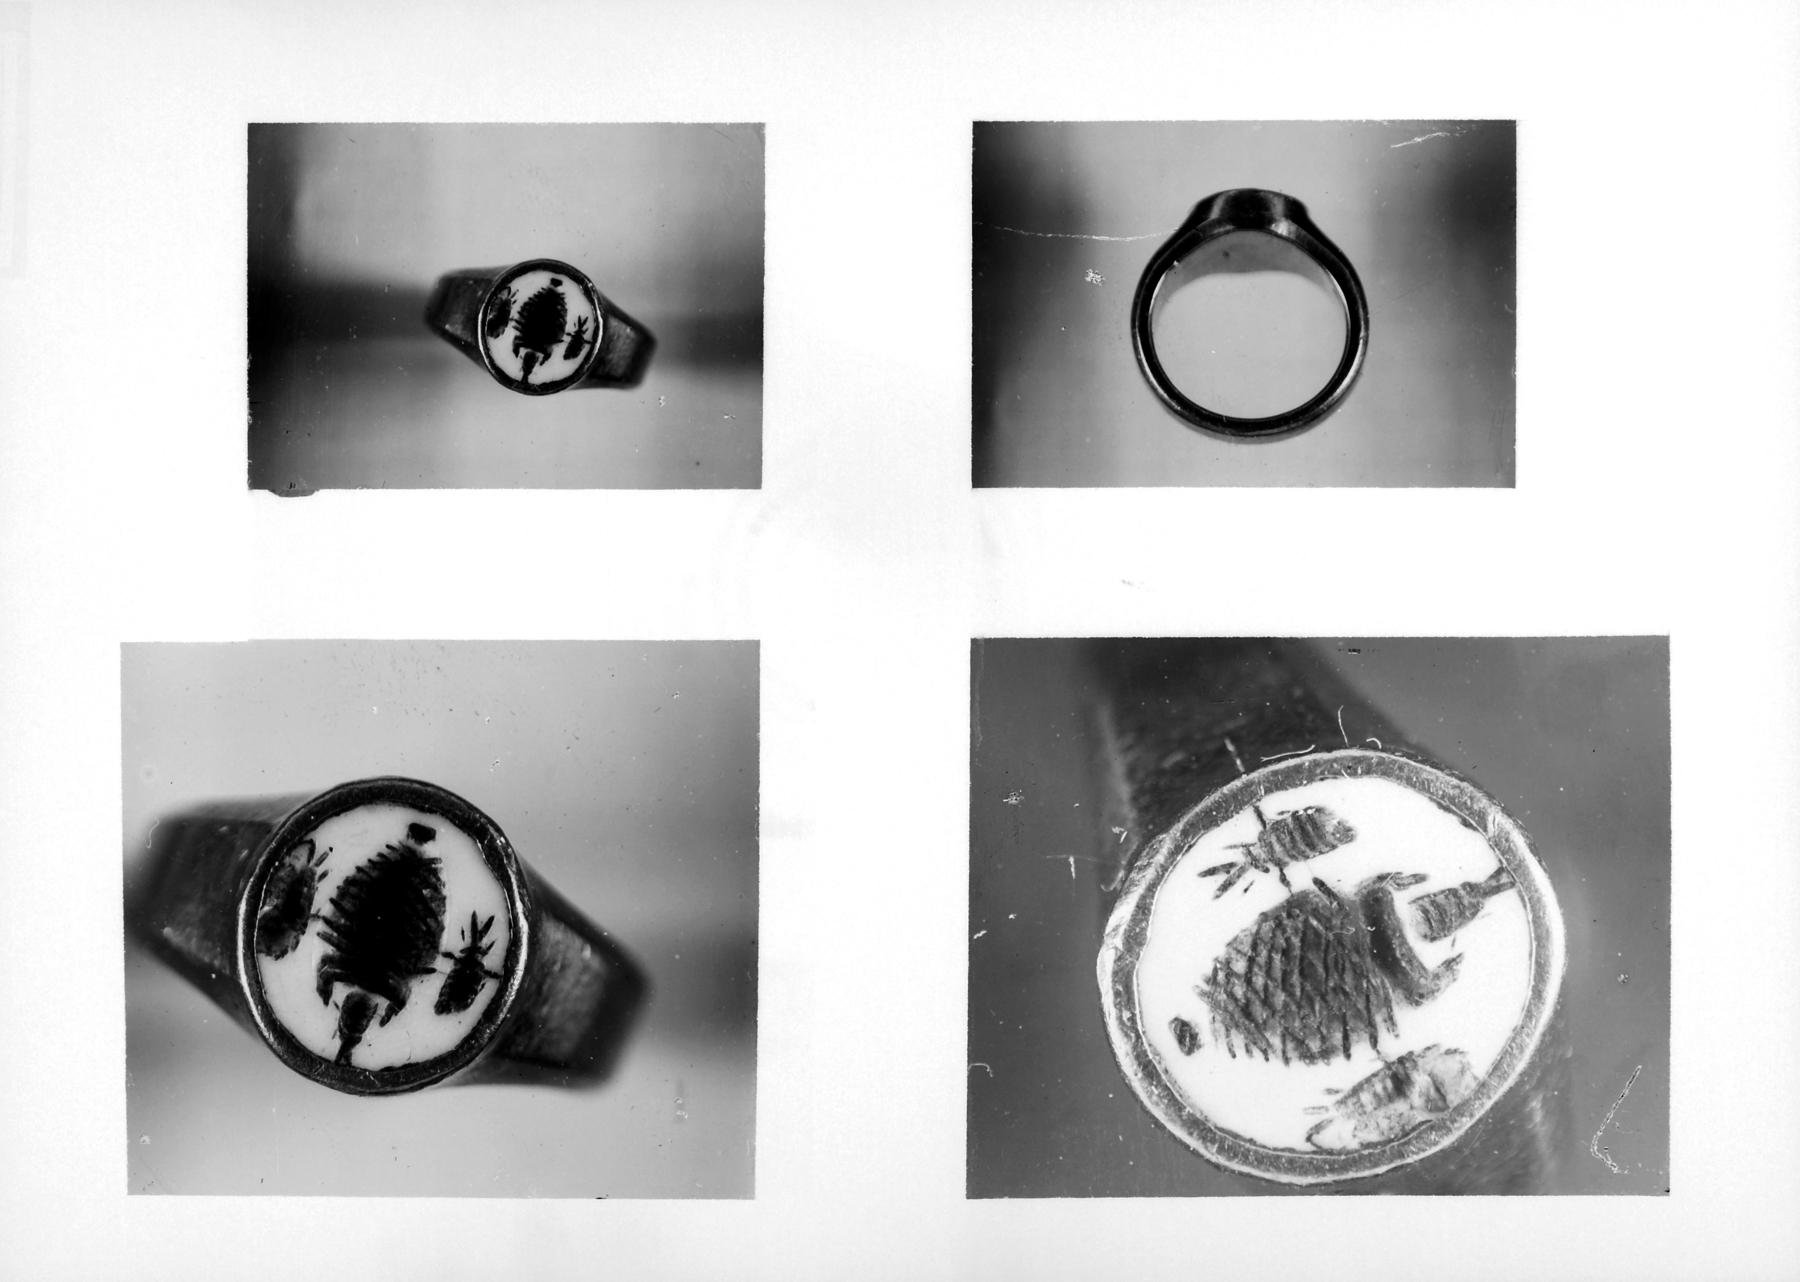 Contenu du L'anneau de saint Arnoul vu sous différents angles